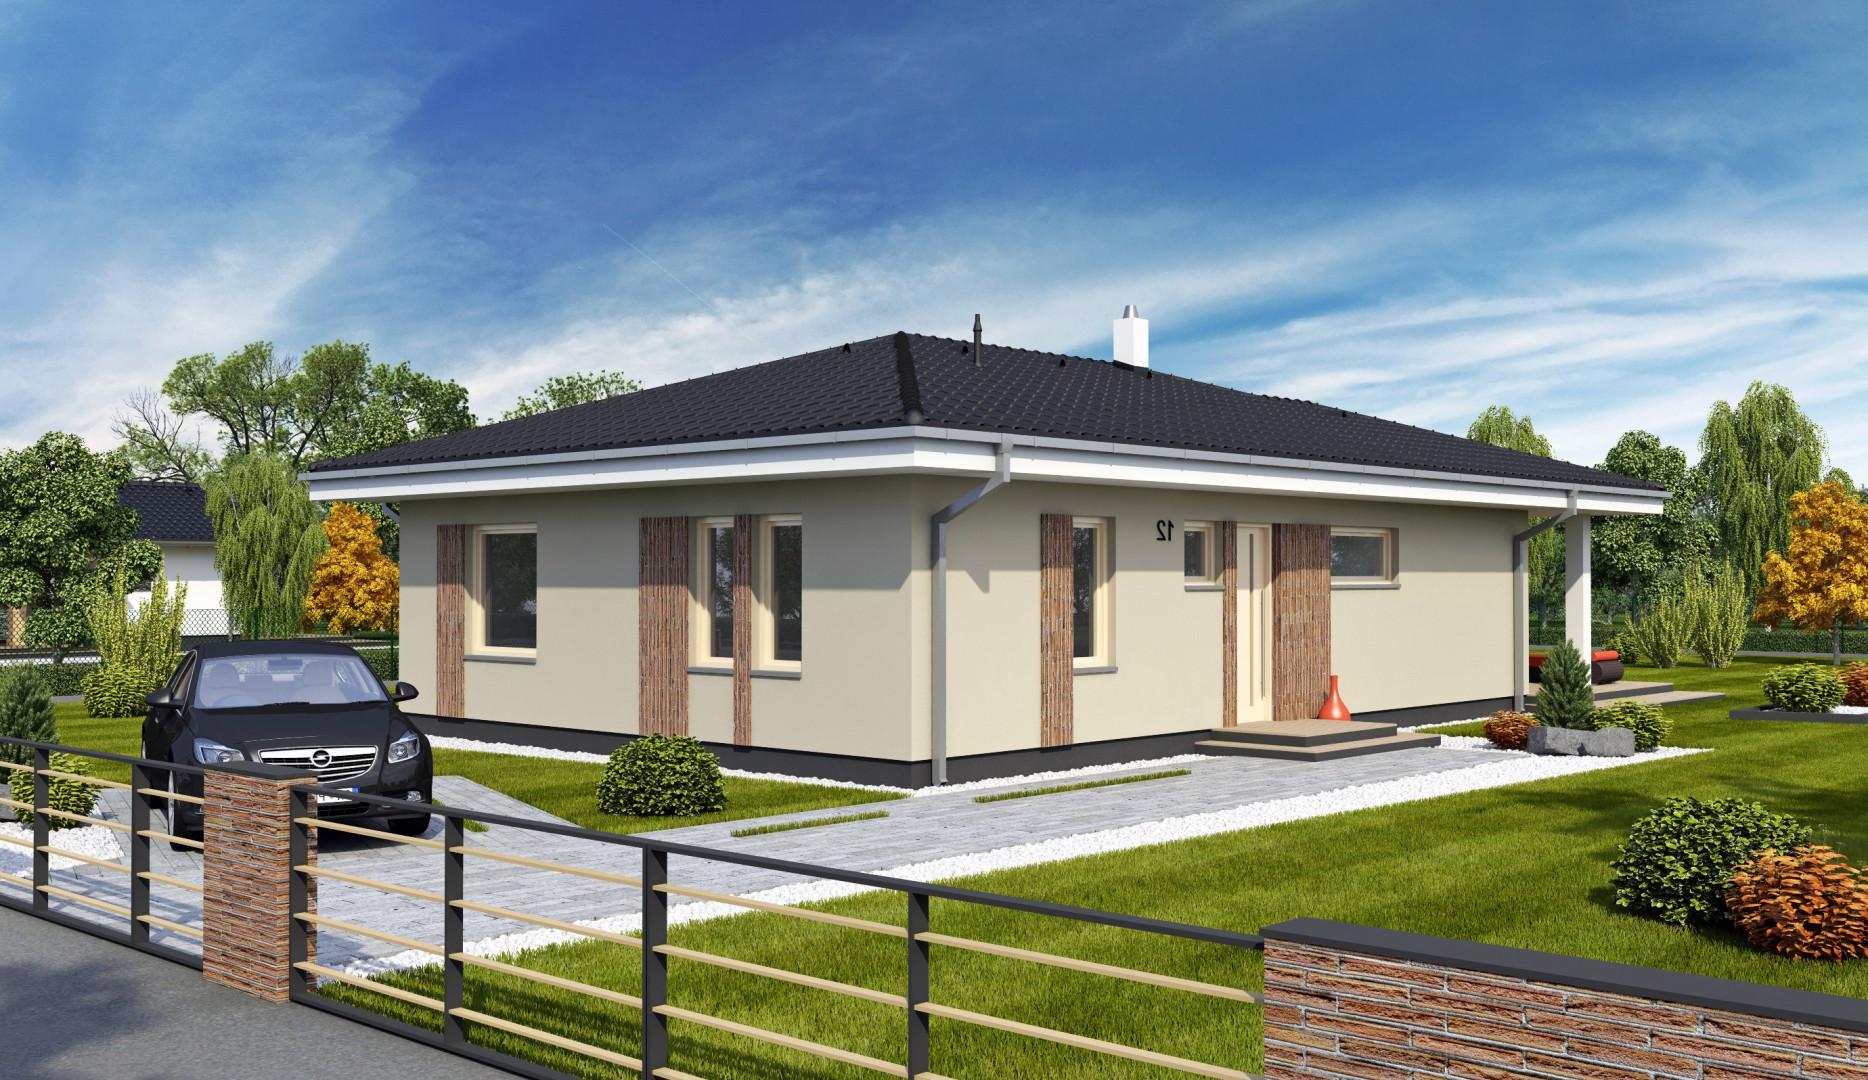 Dom , 4 - izbový, 100.2m2, Miloslavov, časť Vínna Alej